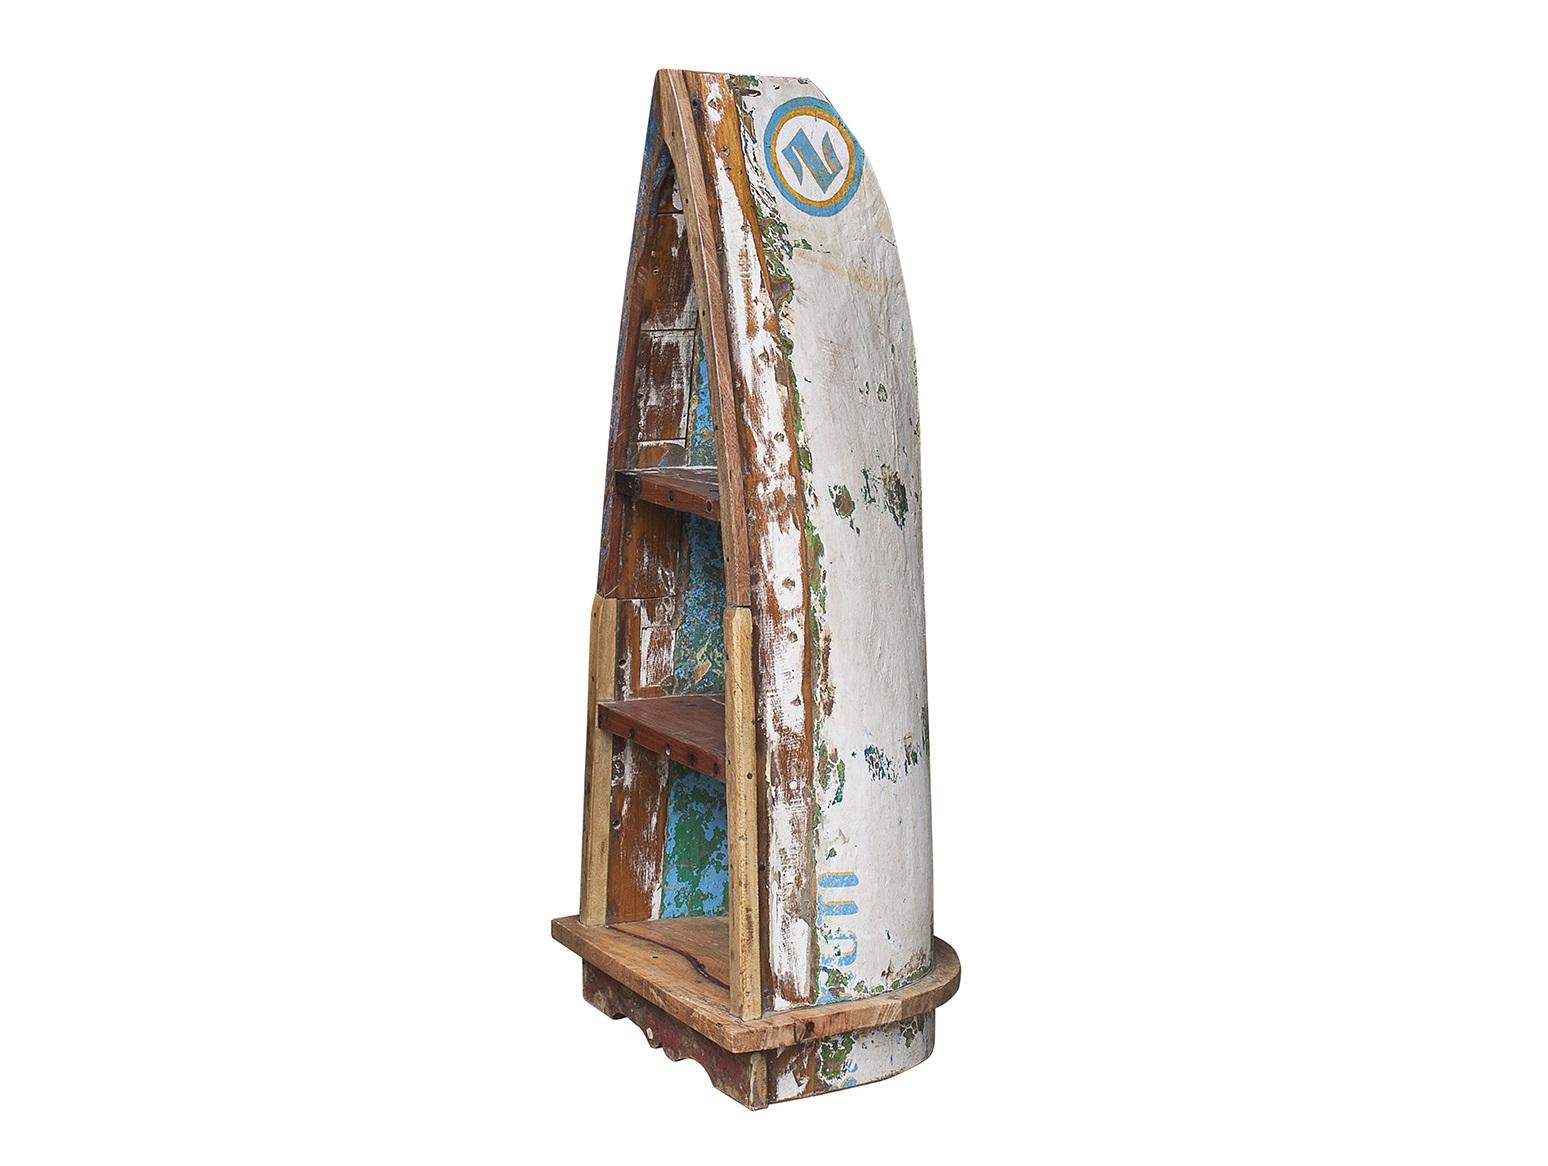 Стеллаж из лодки малый ВаснецовСтеллажи и этажерки<br>Напольный стеллаж, выполненный из старой рыбацкой лодки изящной вытянутой формы с сохранением оригинальной многослойной окраски.<br><br>Имеет 3 полки разной вместимости.<br>Подходит для использования как внутри помещения, так и снаружи.<br>Сборка не требуется.<br>Страна производитель - Индонезия.<br><br>Material: Пластик<br>Ширина см: 42<br>Высота см: 121<br>Глубина см: 57